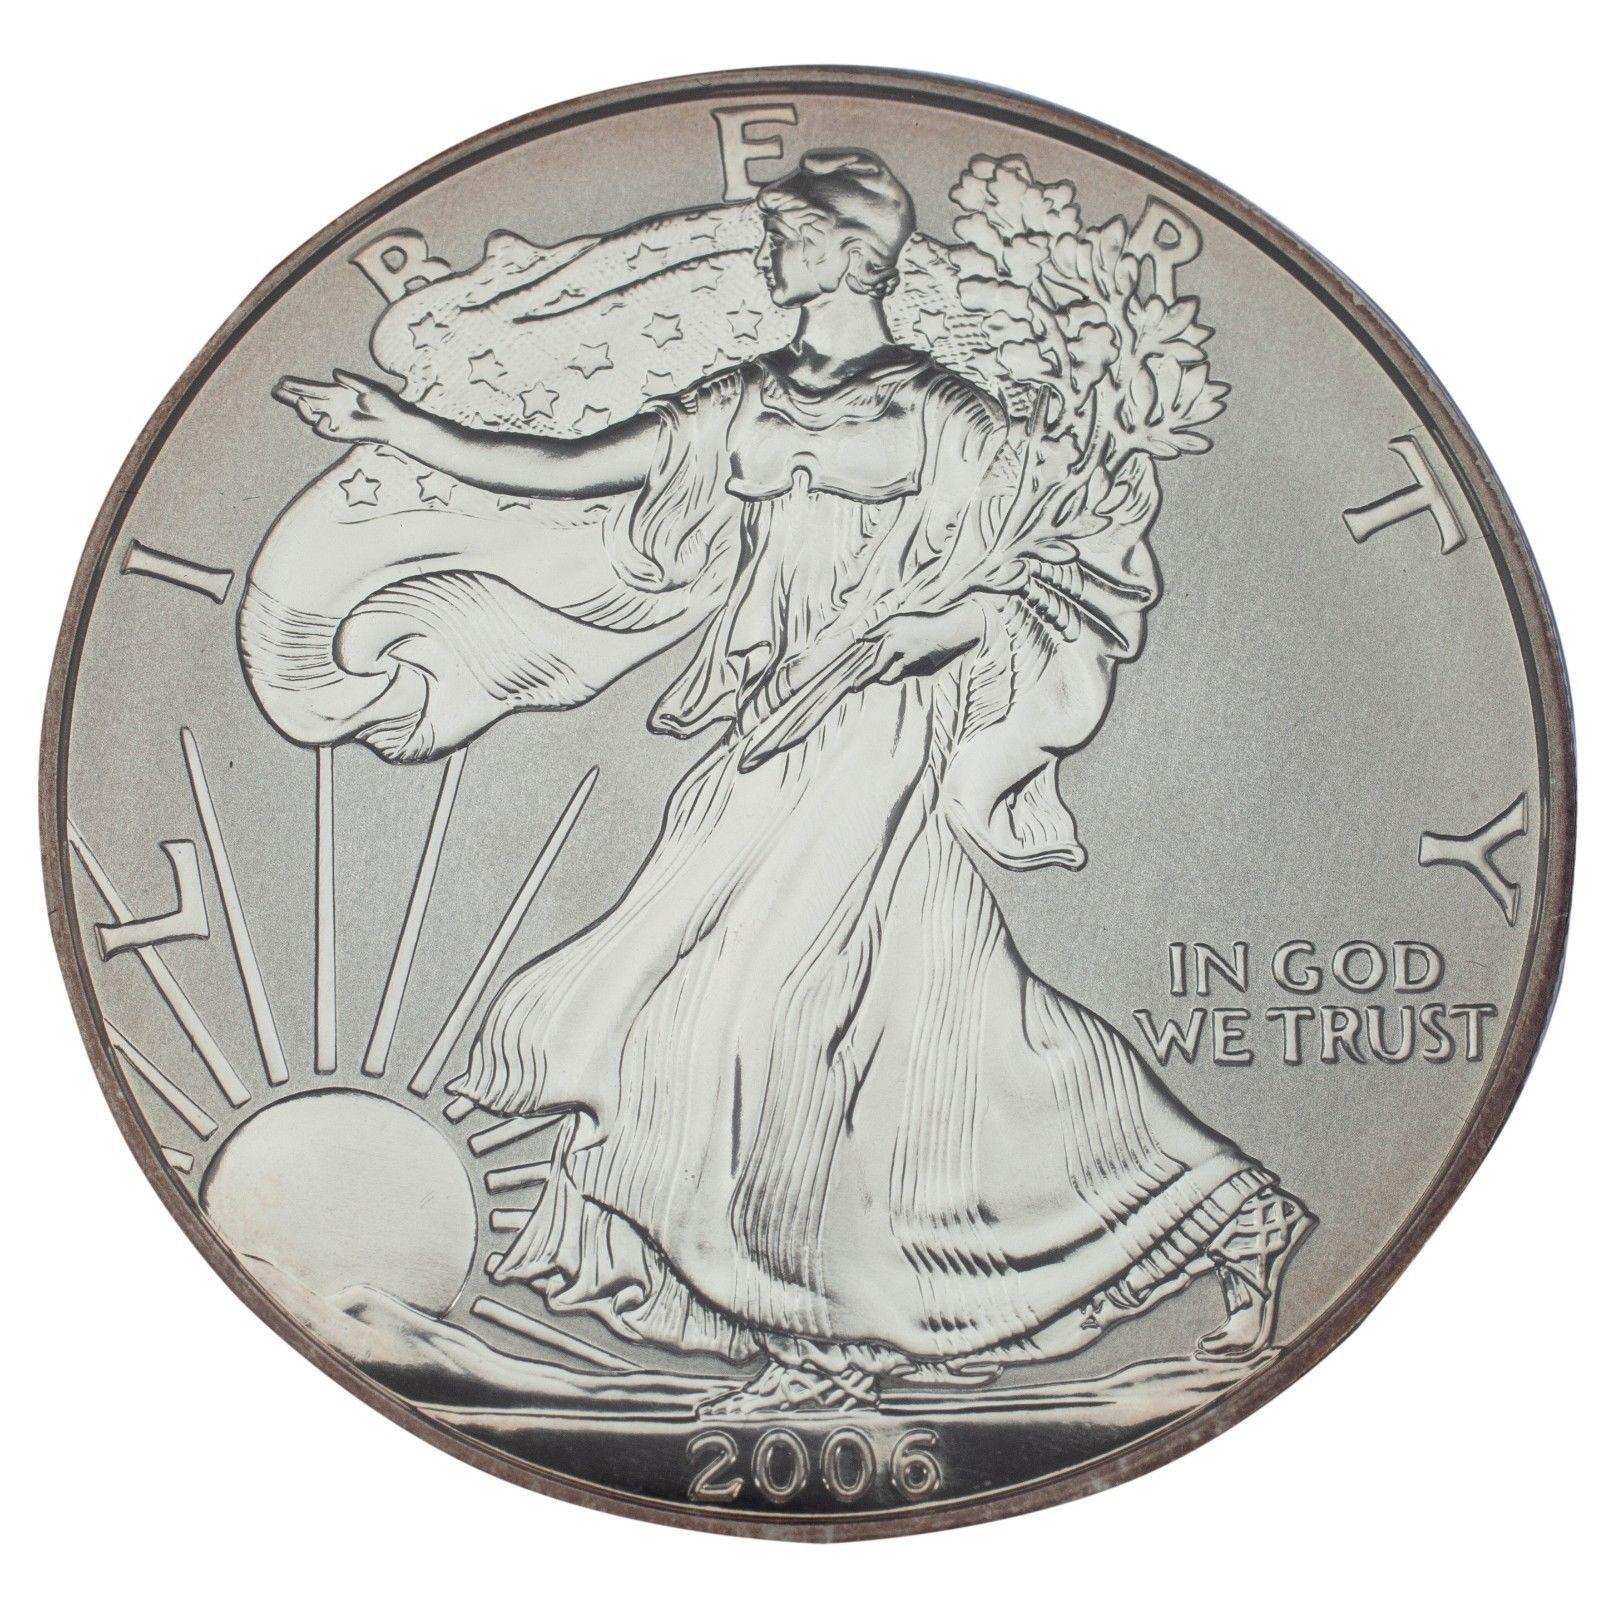 8 2006 American Silver Eagle 20th Anniversary Mint Box COA NO Coins NO Capsules